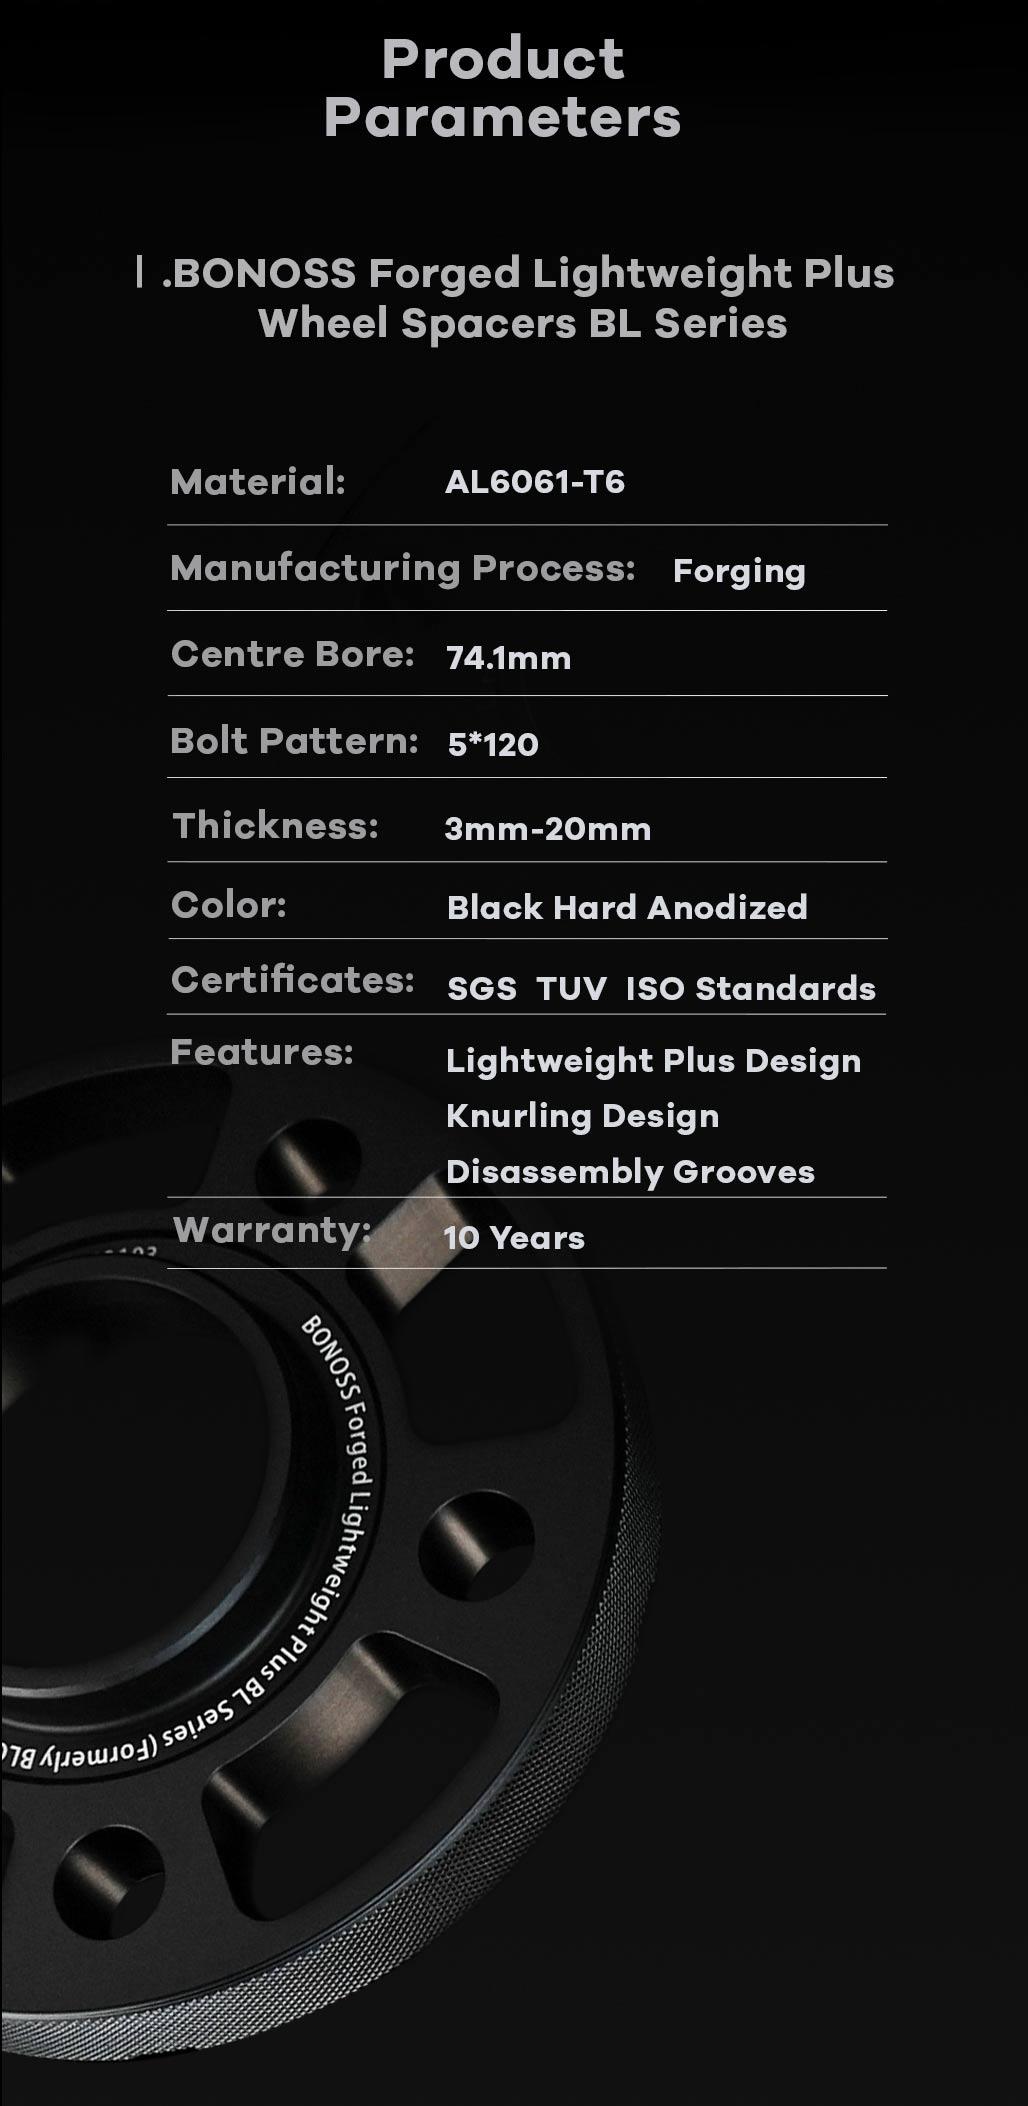 AL6061-T6-BONOSS-forged-lightweight-plus-wheel-spacers-5x120-74.1-by-lulu-9